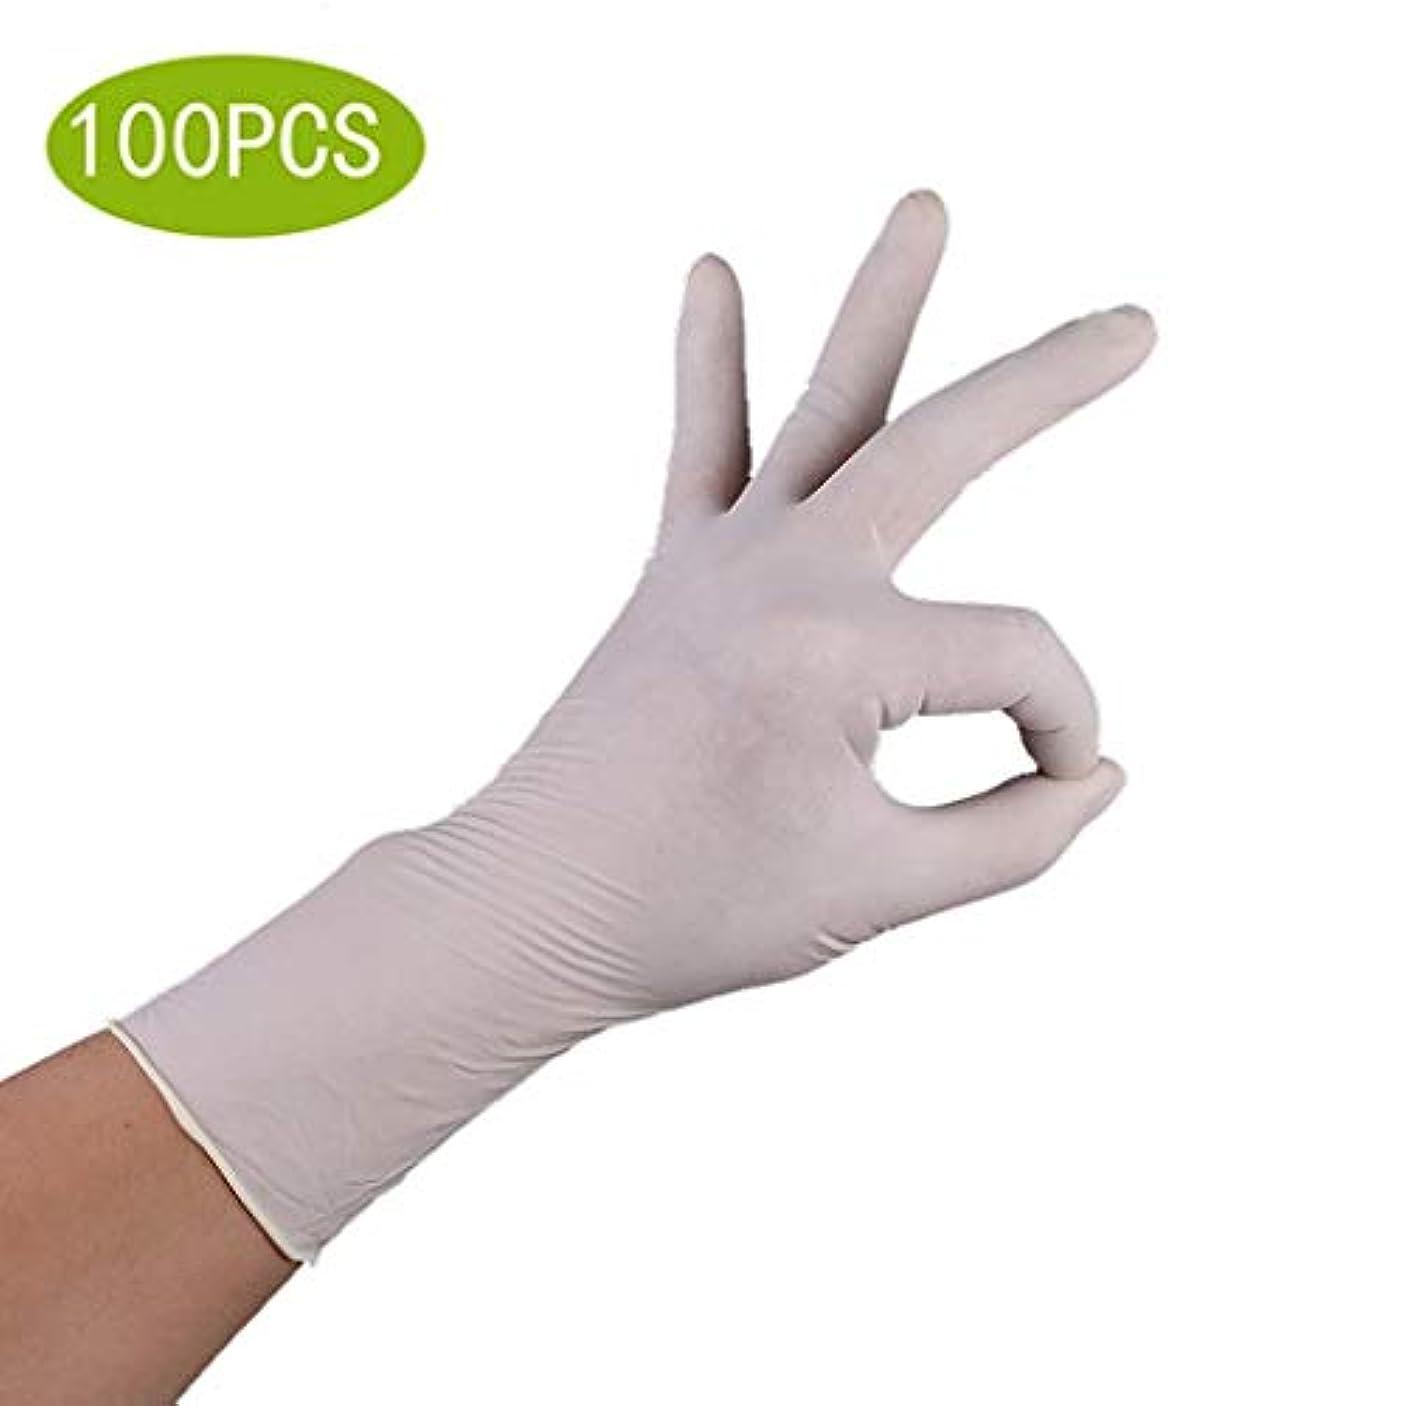 コーナー硬さ水っぽい使い捨て手袋食品ケータリング手術丁清ゴムラテックススキンキッチン厚い試験/食品グレード安全用品、使い捨て手袋ディスペンサー[100個] (Size : L)